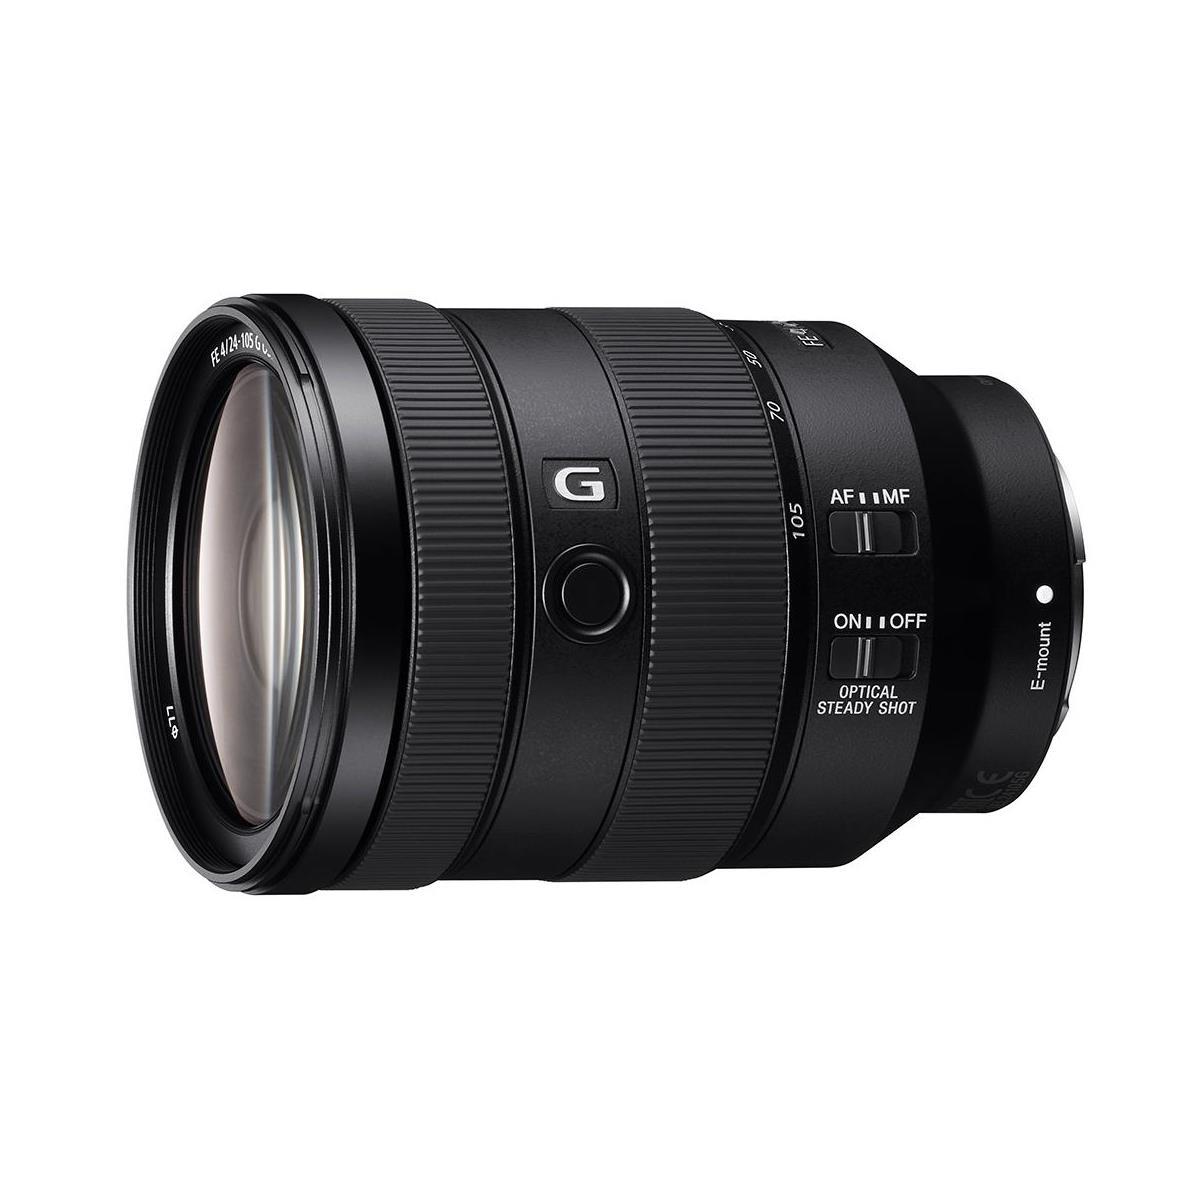 USED Sony 24-105mm F4 G OSS FE Lens